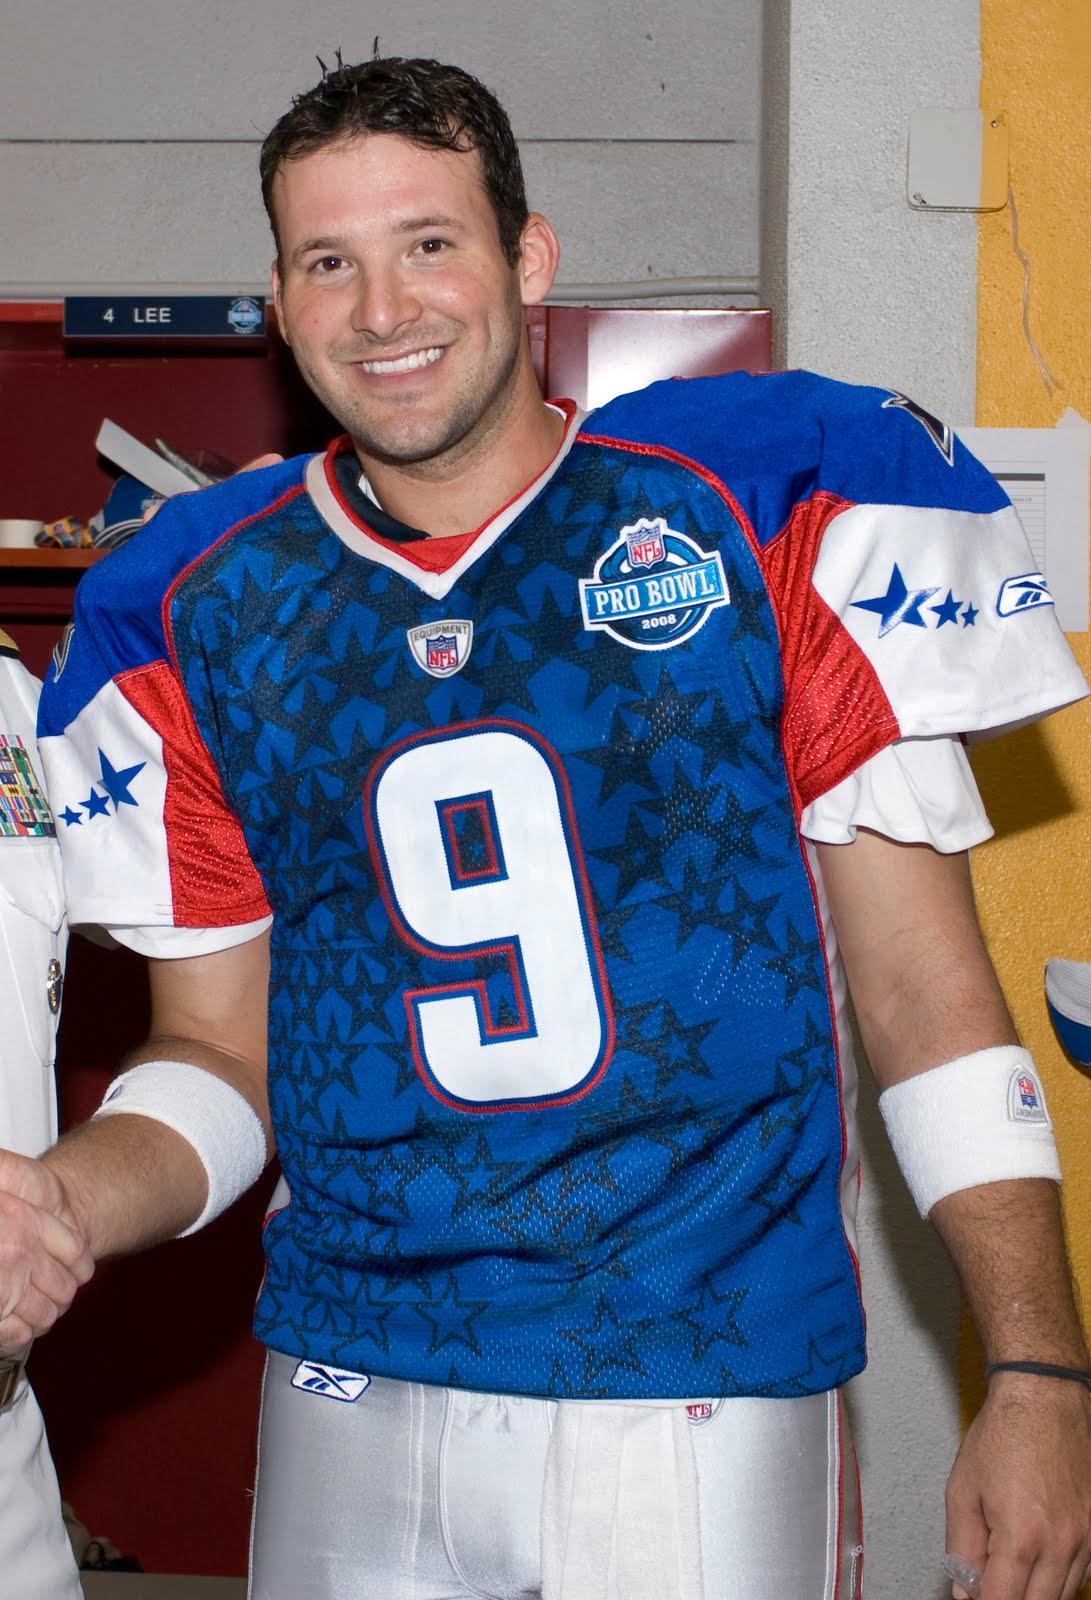 Tony Romo of the Dallas Cowboys